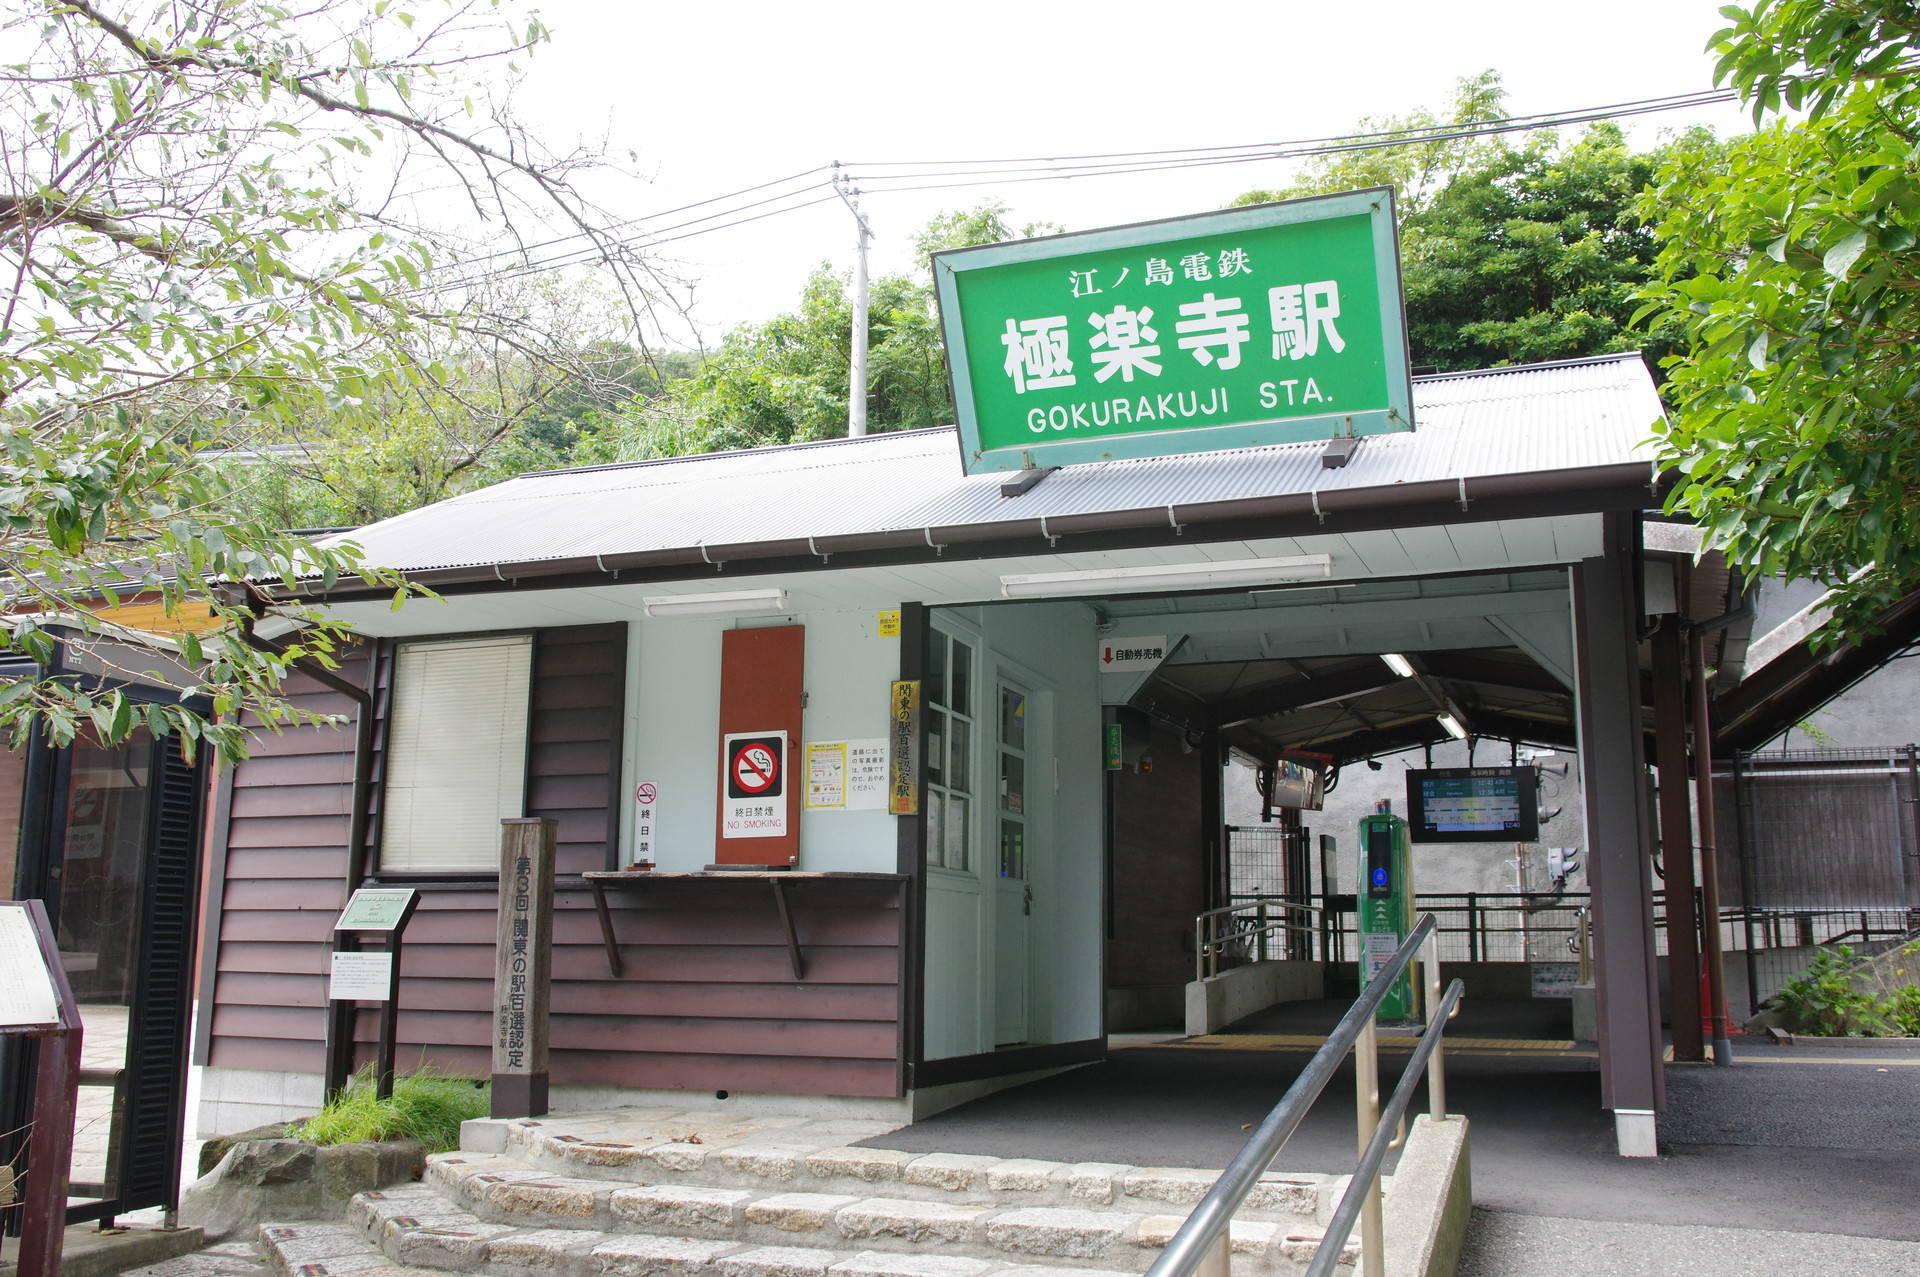 旧駅舎の外観